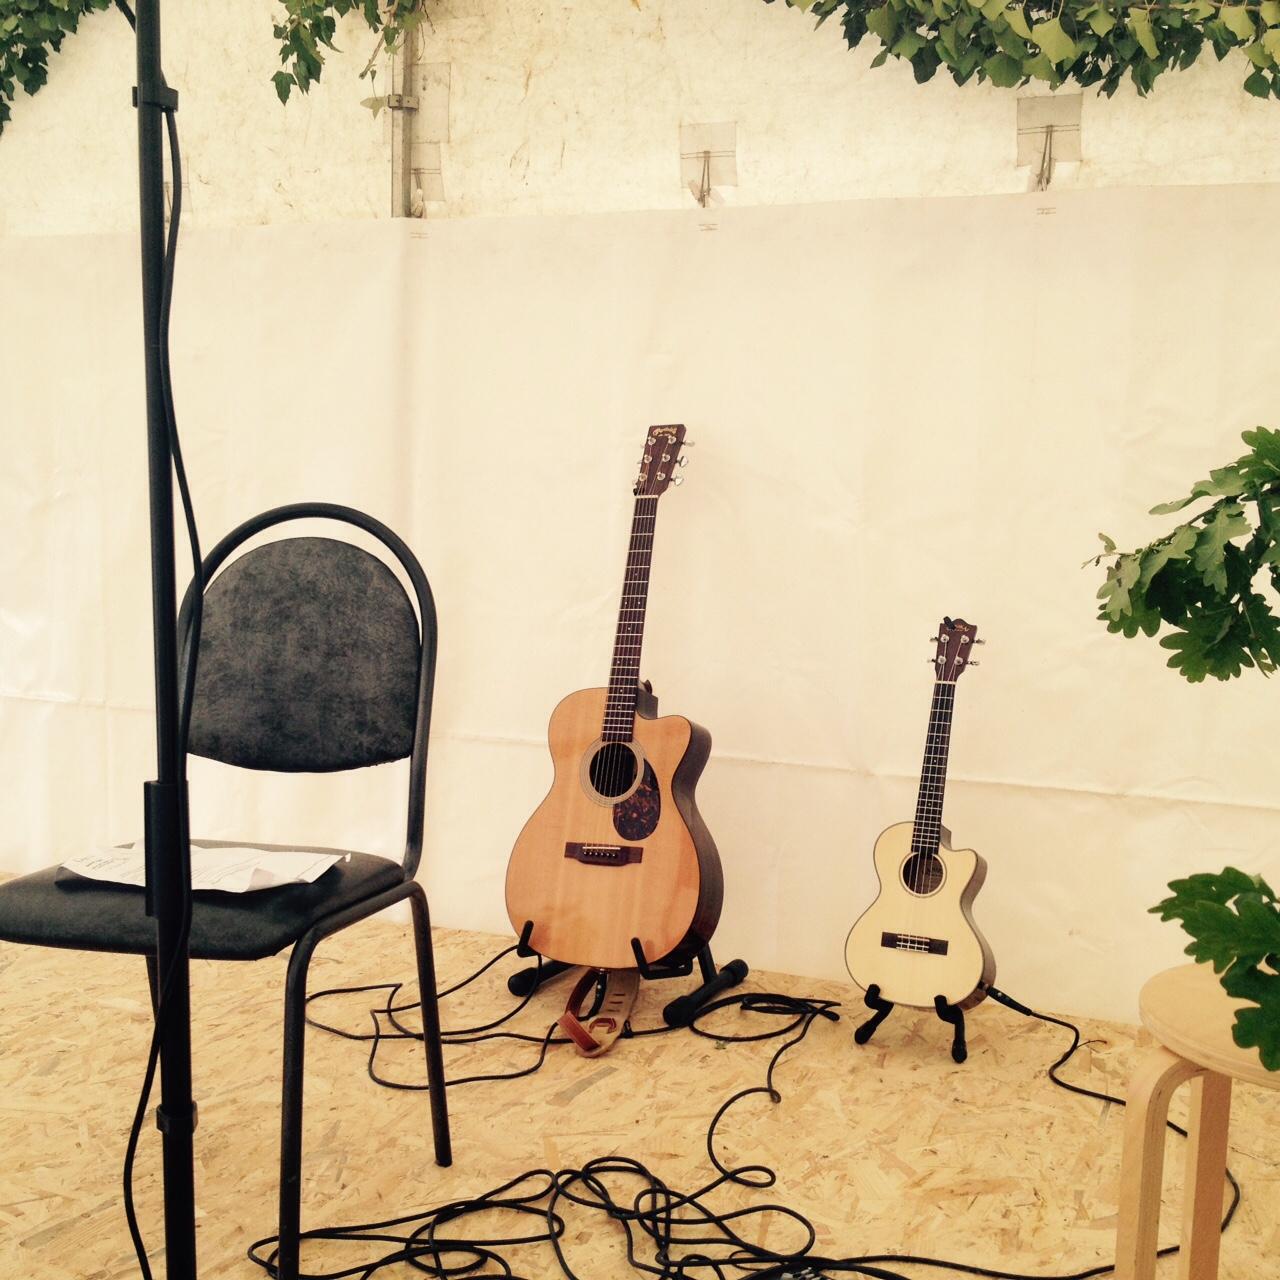 Une bonne m thode pour apprendre la guitare picking tout seul ma guitare et vous - Apprendre la guitare seul mi guitar ...